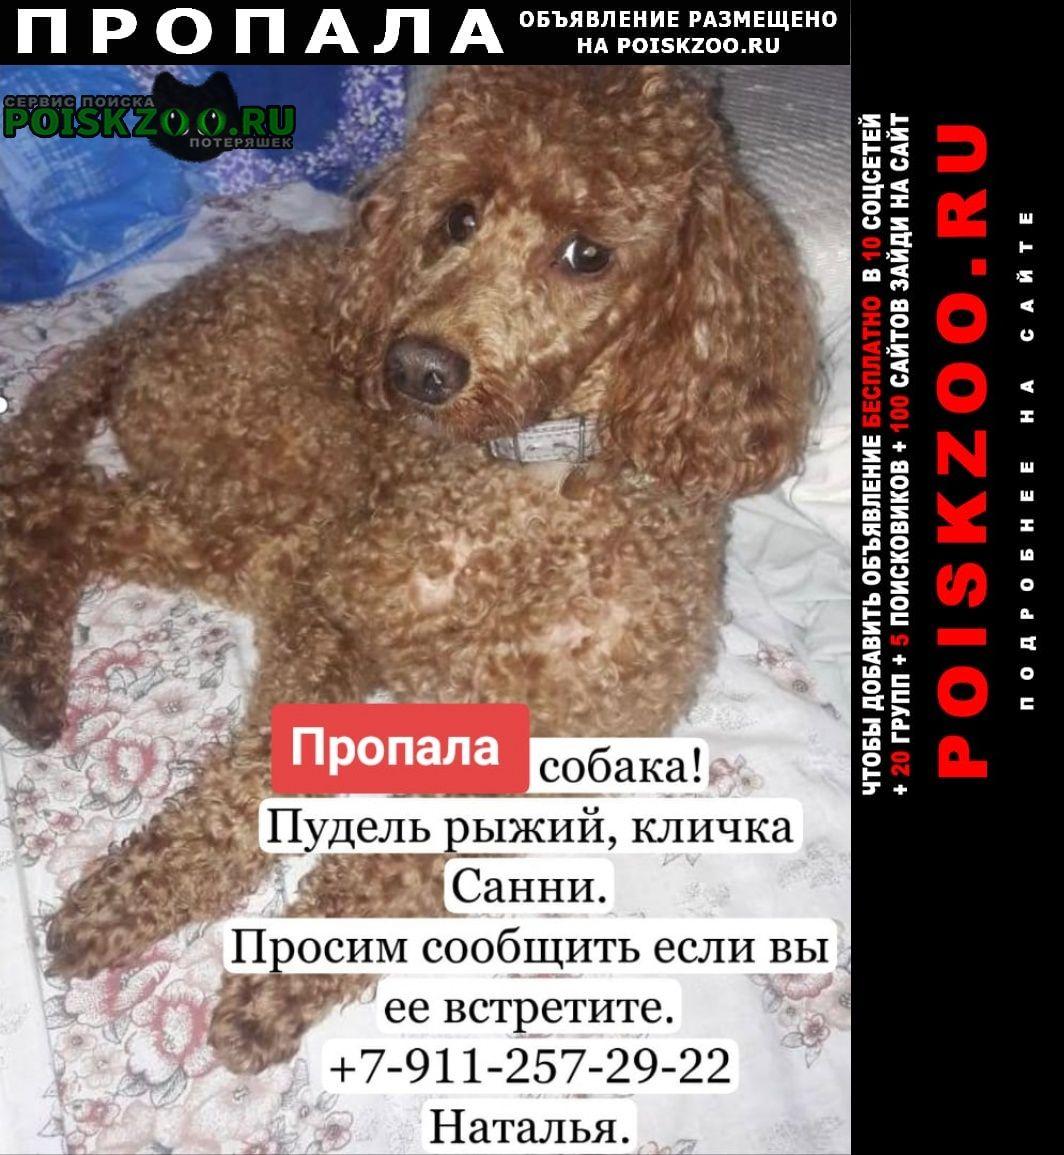 Приозерск Пропала собака пудель